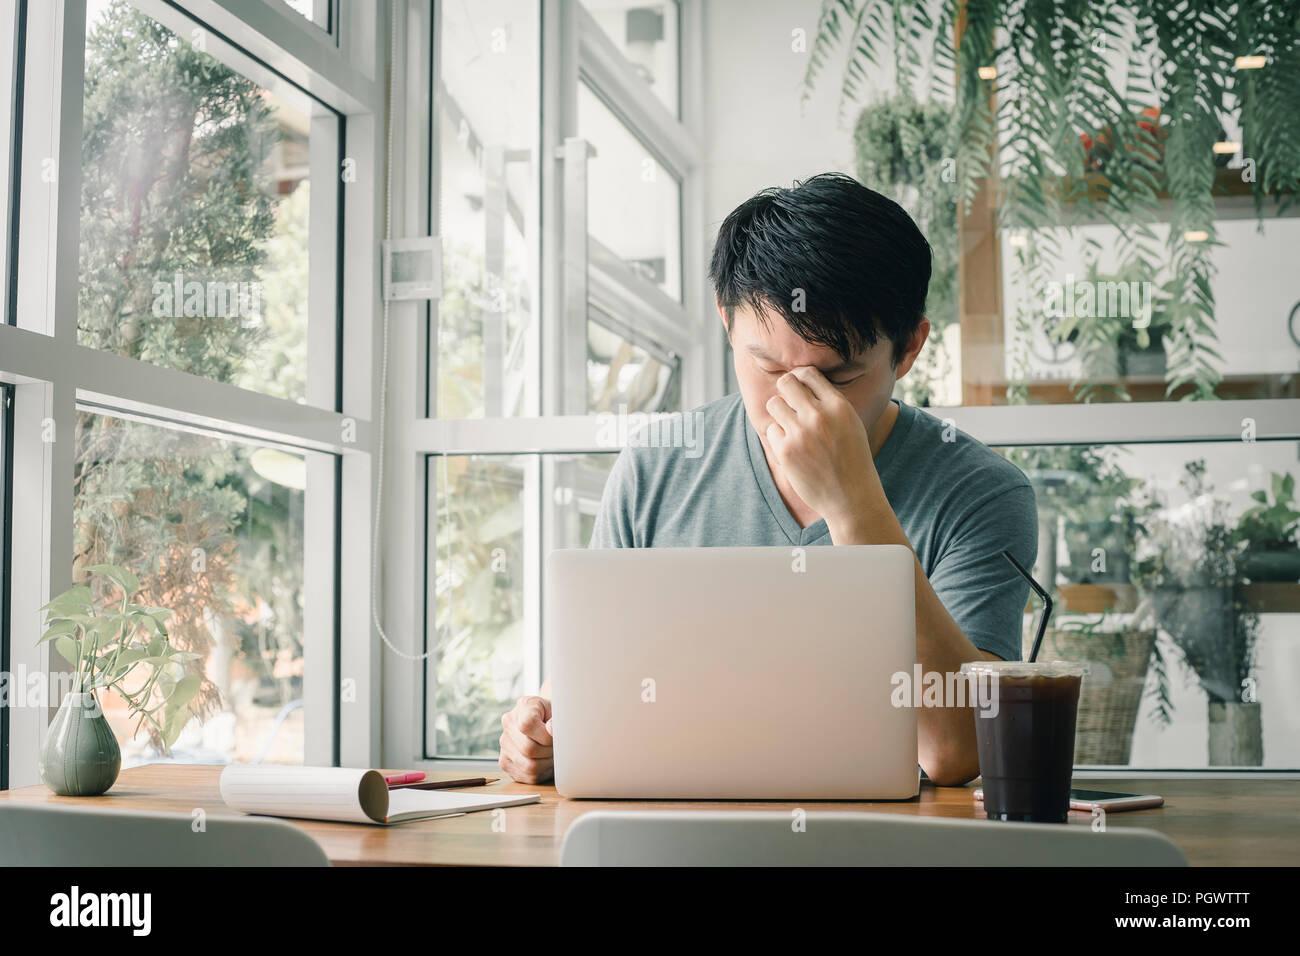 Libero professionista uomo lavora online a casa sua. Immagini Stock